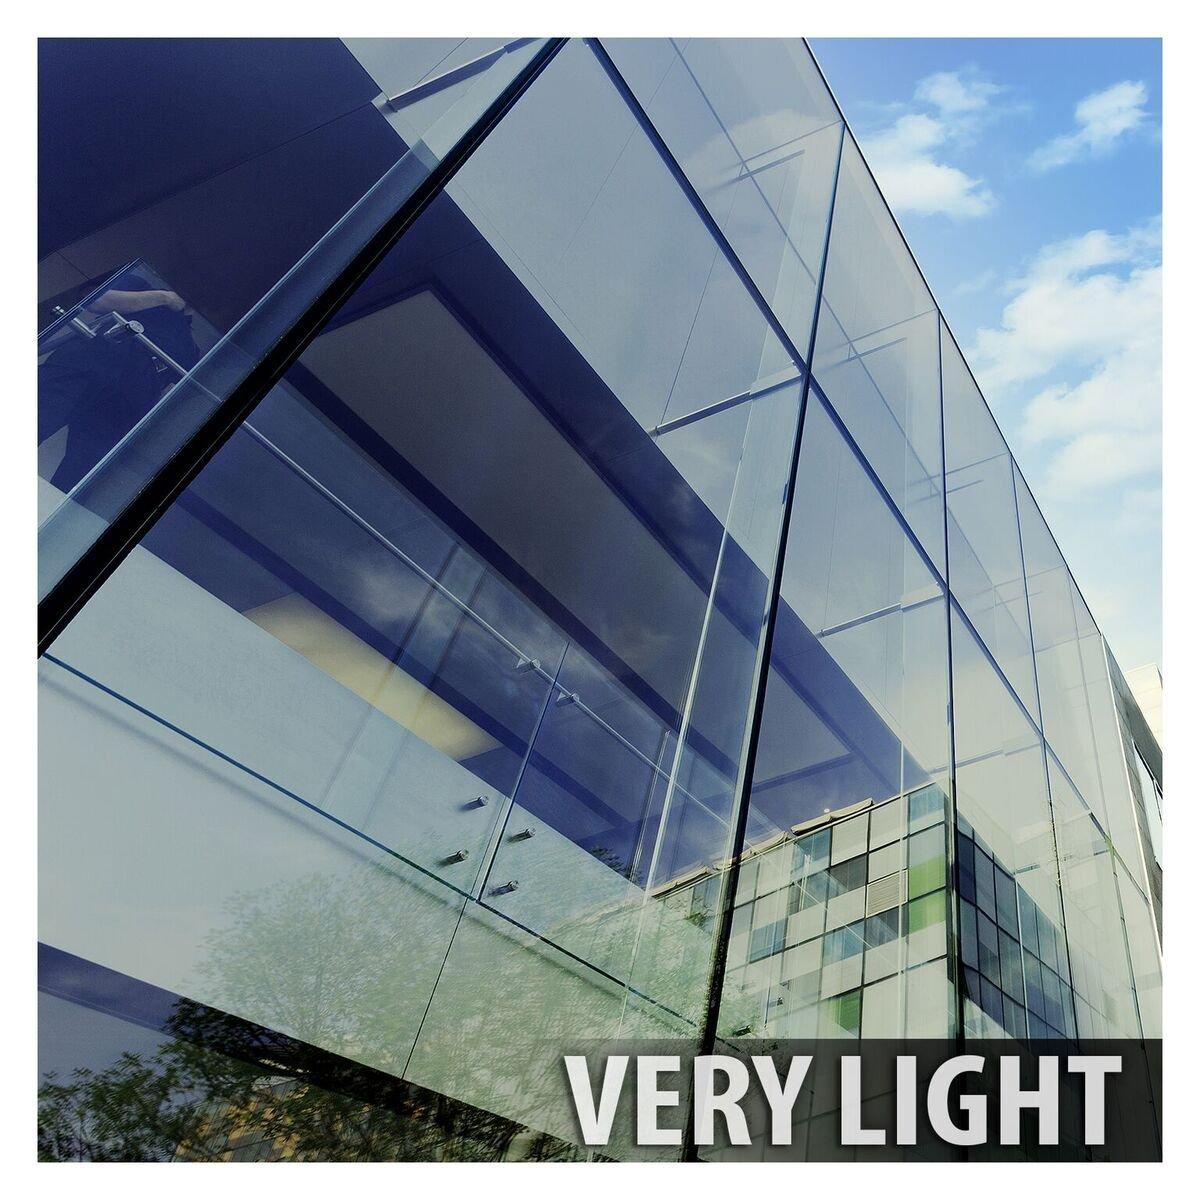 BDF NSN70 窓フィルム 透明 超高熱遮断&UVカット NSN 70 (非常に軽量) 24 Inch x 24 Feet B00P009N0S 24 Inch x 24 Feet  24 Inch x 24 Feet